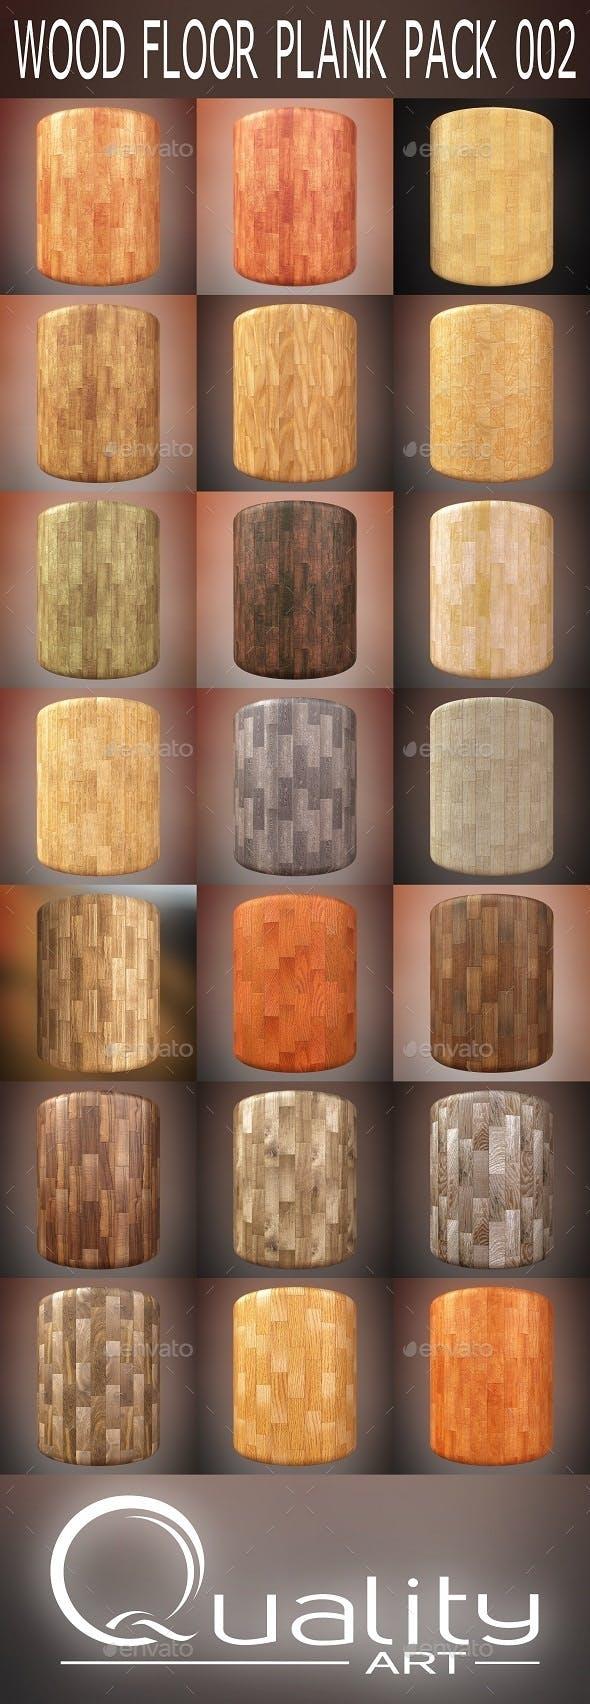 Wood Floor Plank Pack 002 - 3DOcean Item for Sale